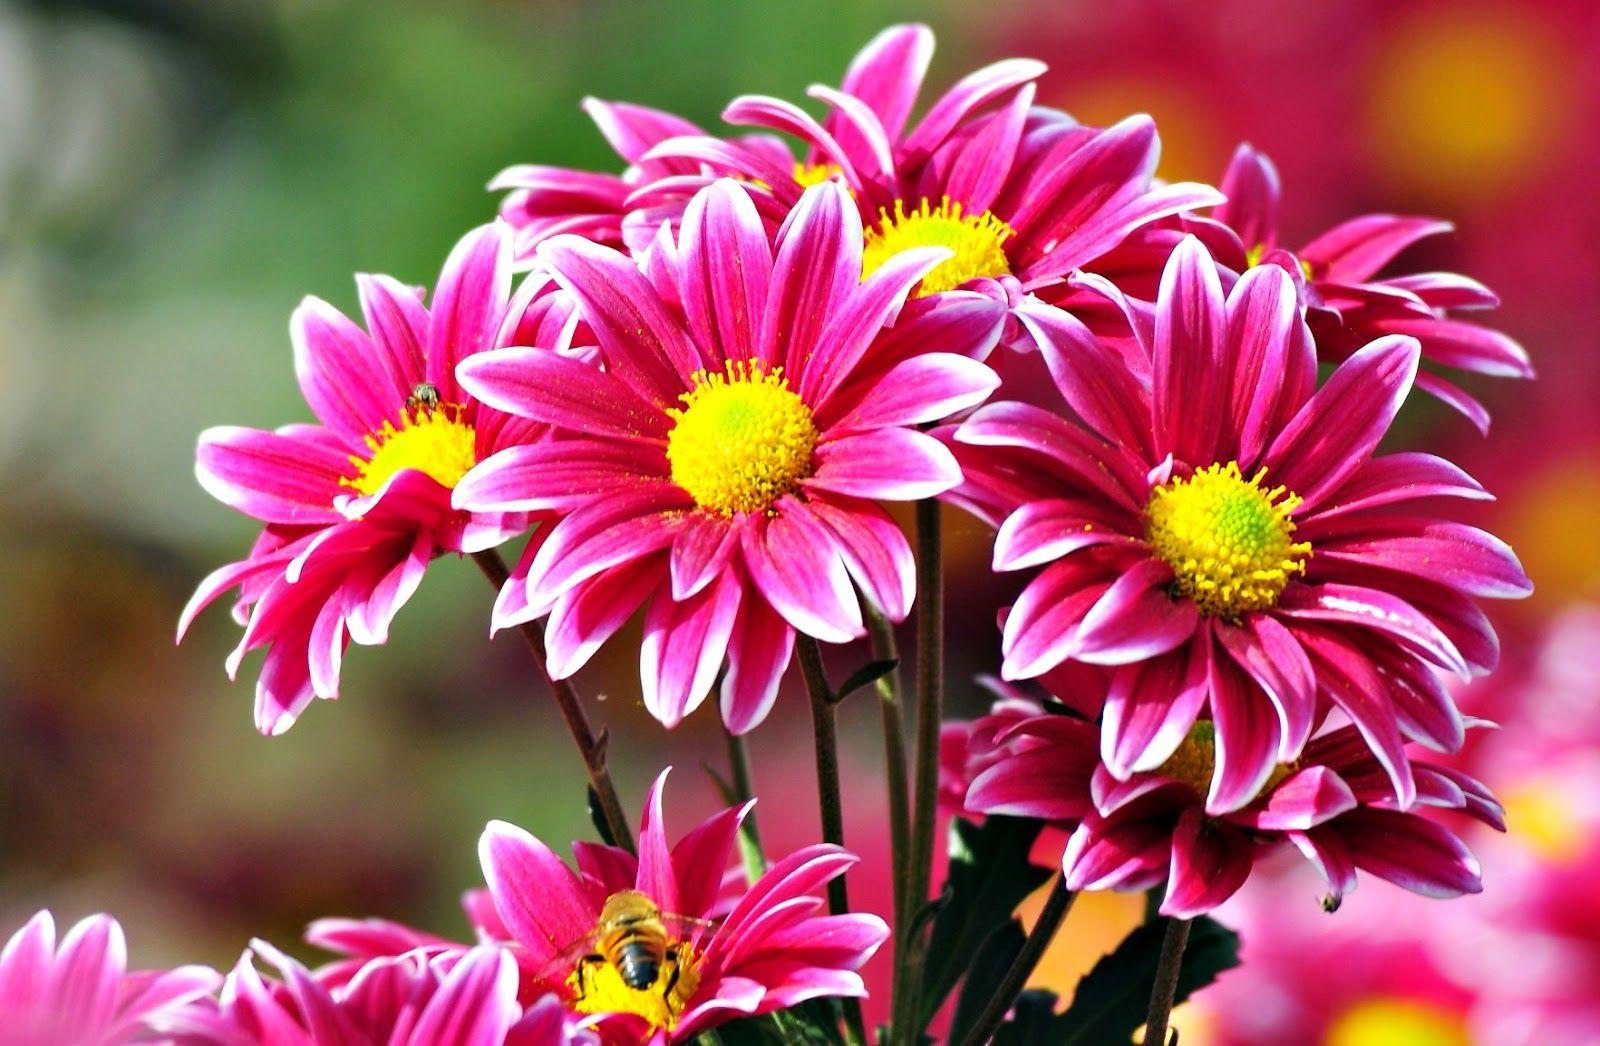 Gambar Wallpaper Bunga Cantik Indah Caption Ig Keren Kekinian